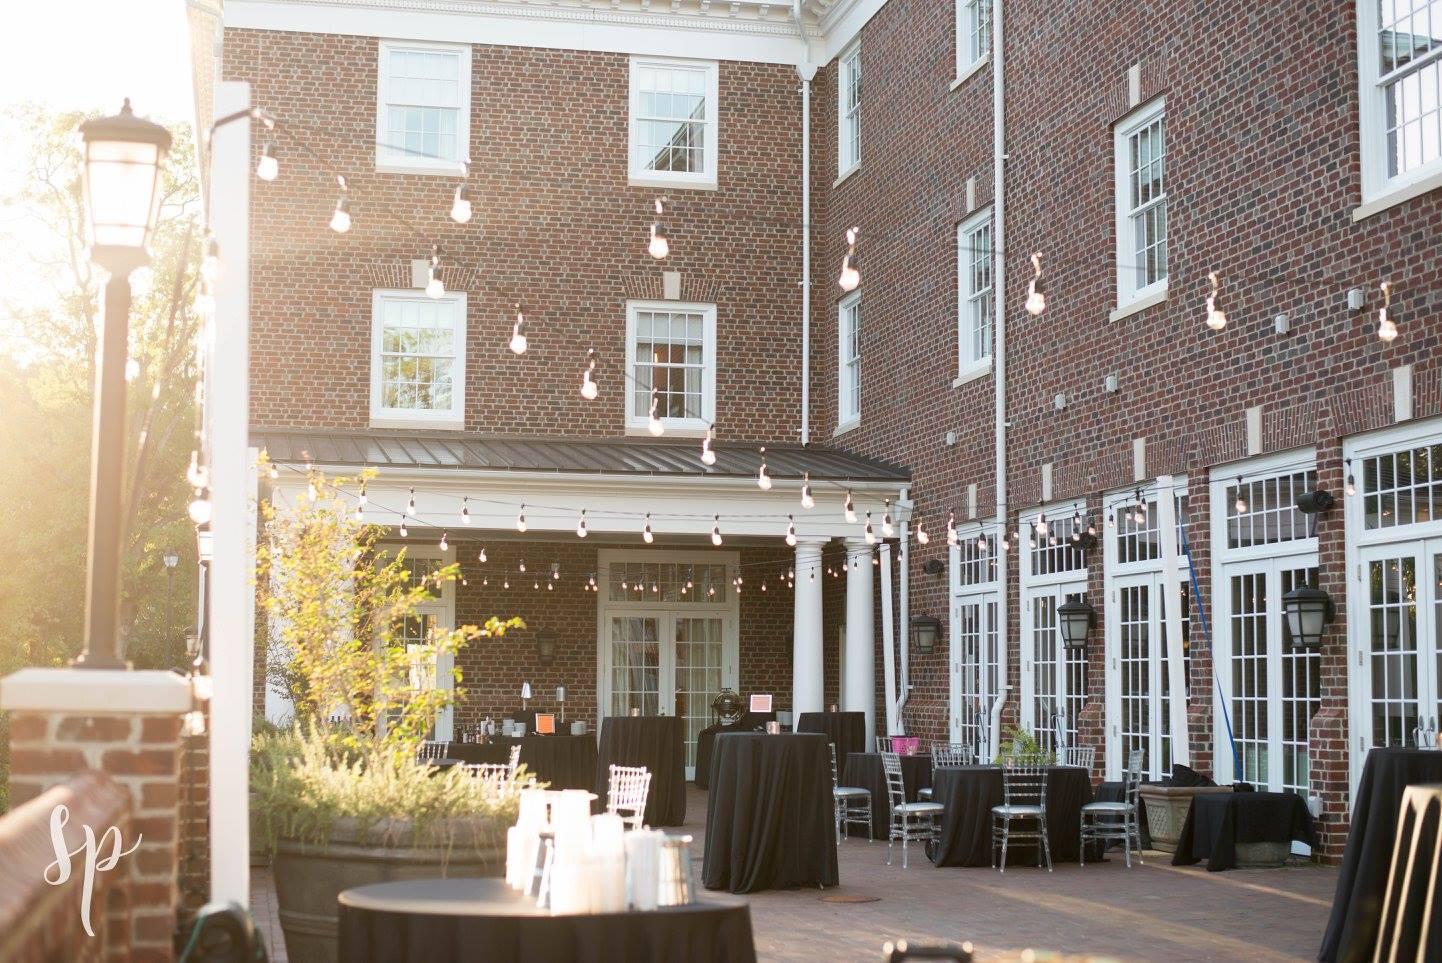 Verandah Restaurant Southern Inspired Refined Comfort